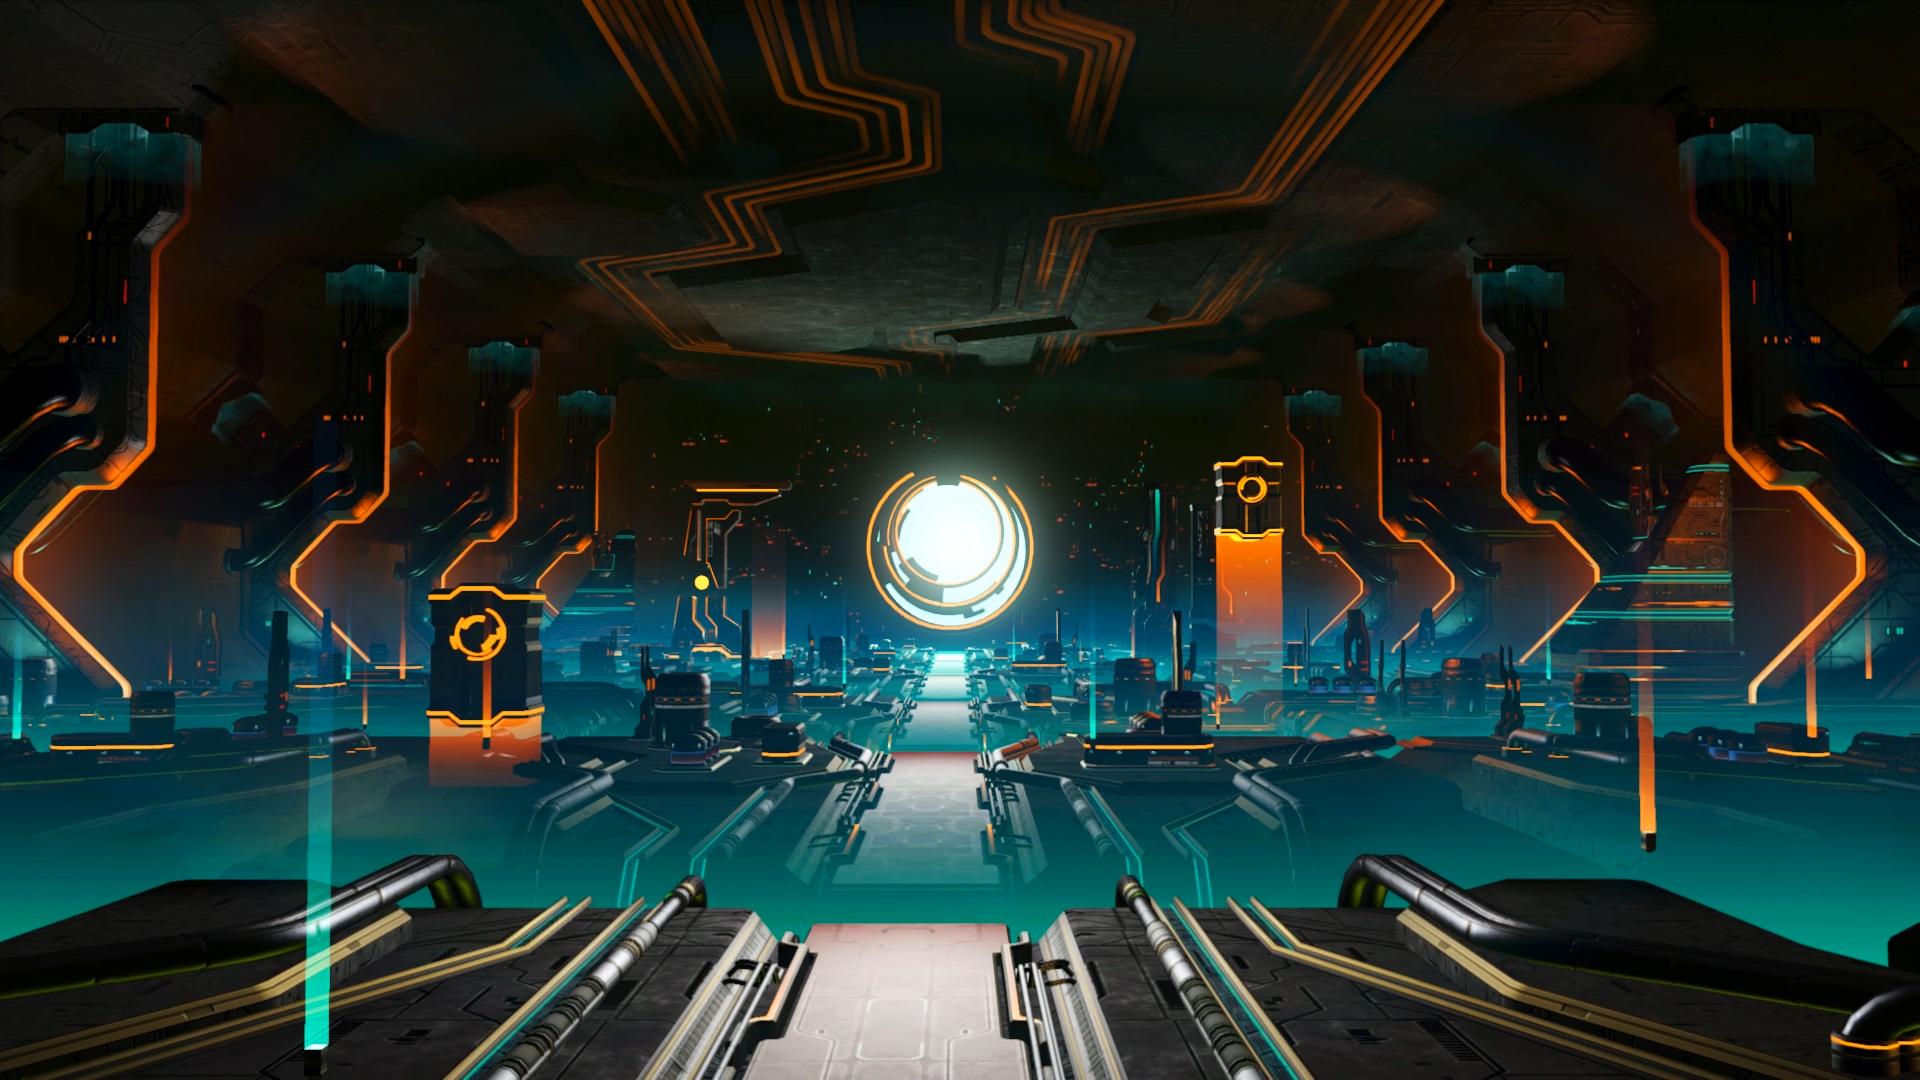 48437735226 7a0a486759 o - No Man´s Sky: Beyond erscheint diesen Monat für PS4